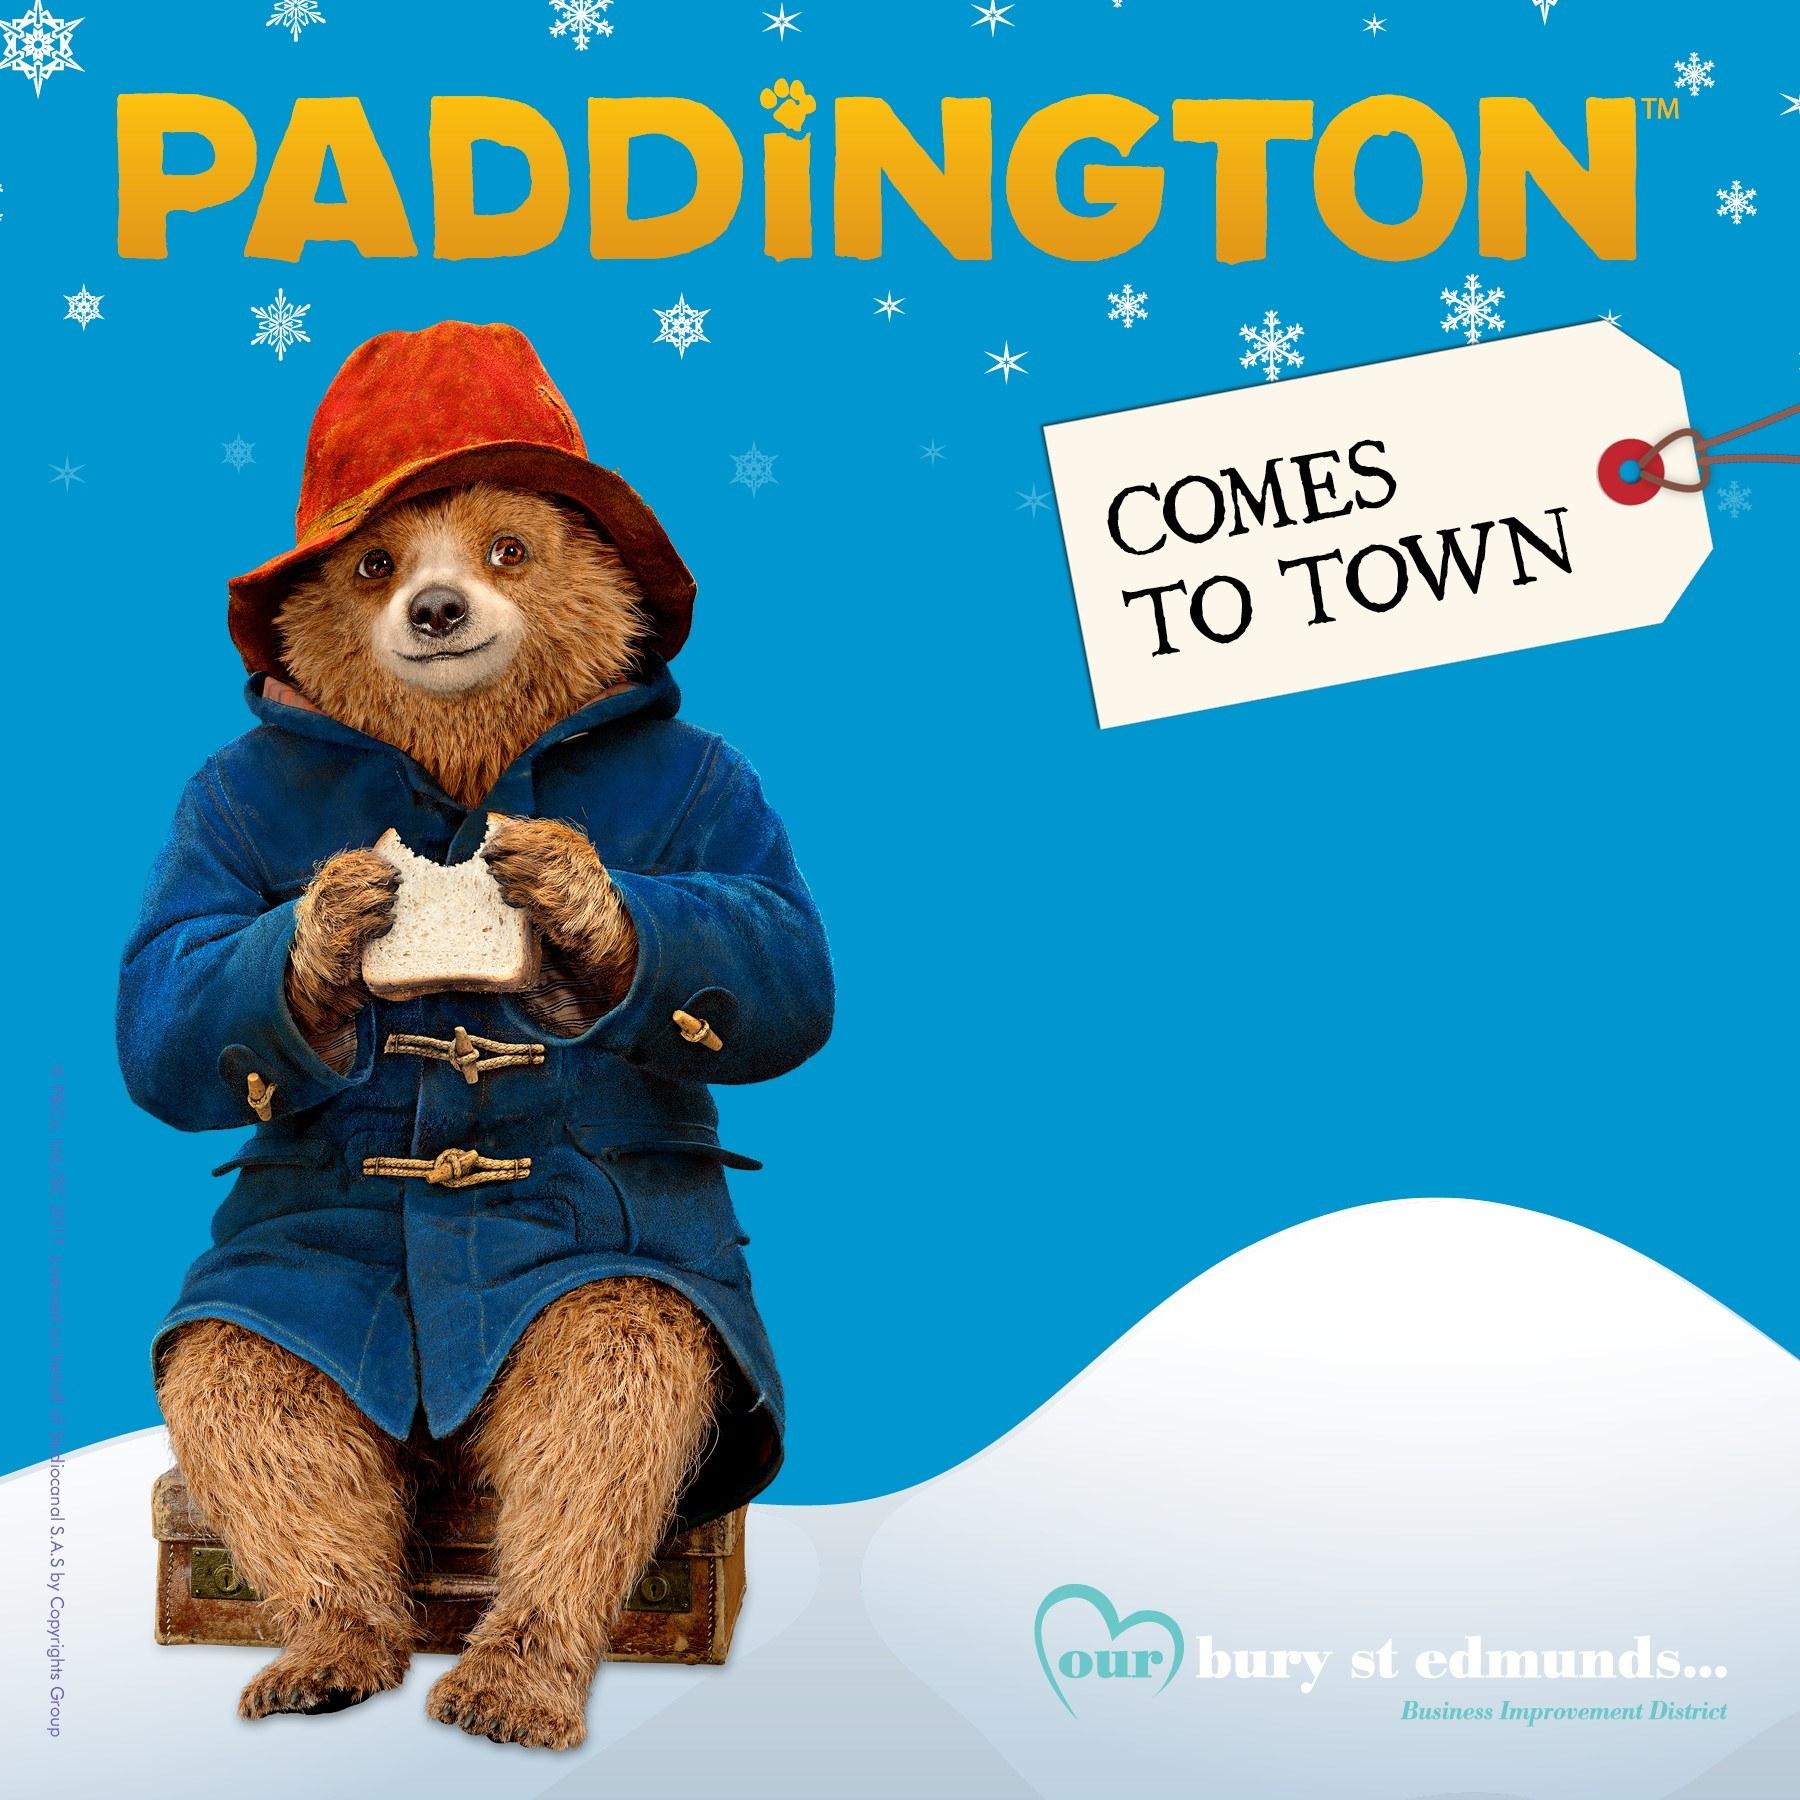 Paddington  is coming to Bury!